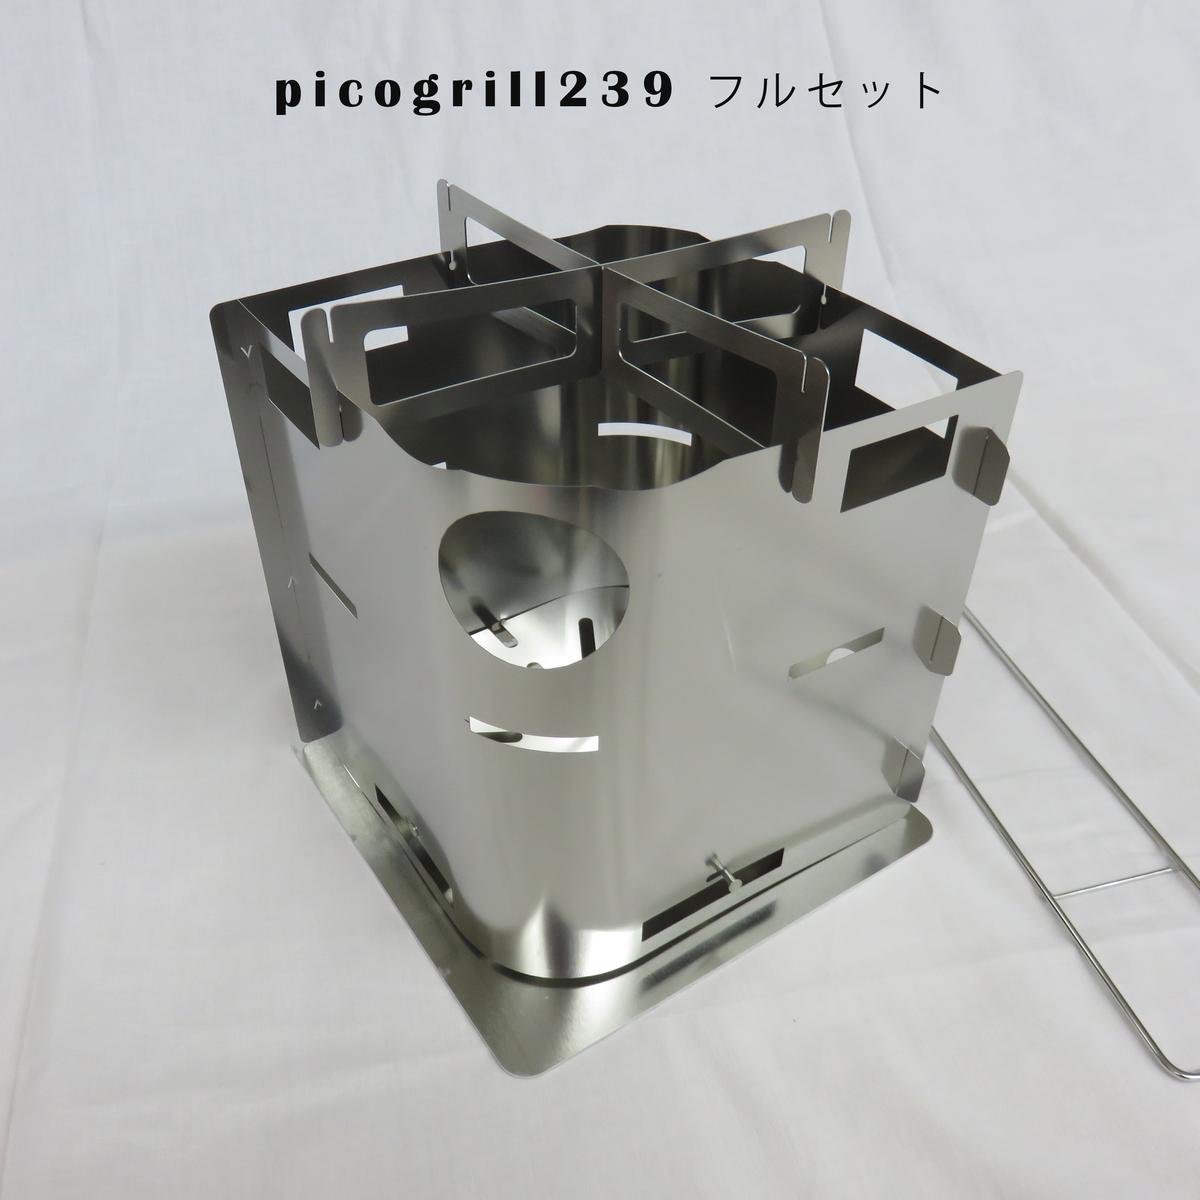 picogrill239 ピコグリル239 フルセット スイス STC swiss 焚き火台